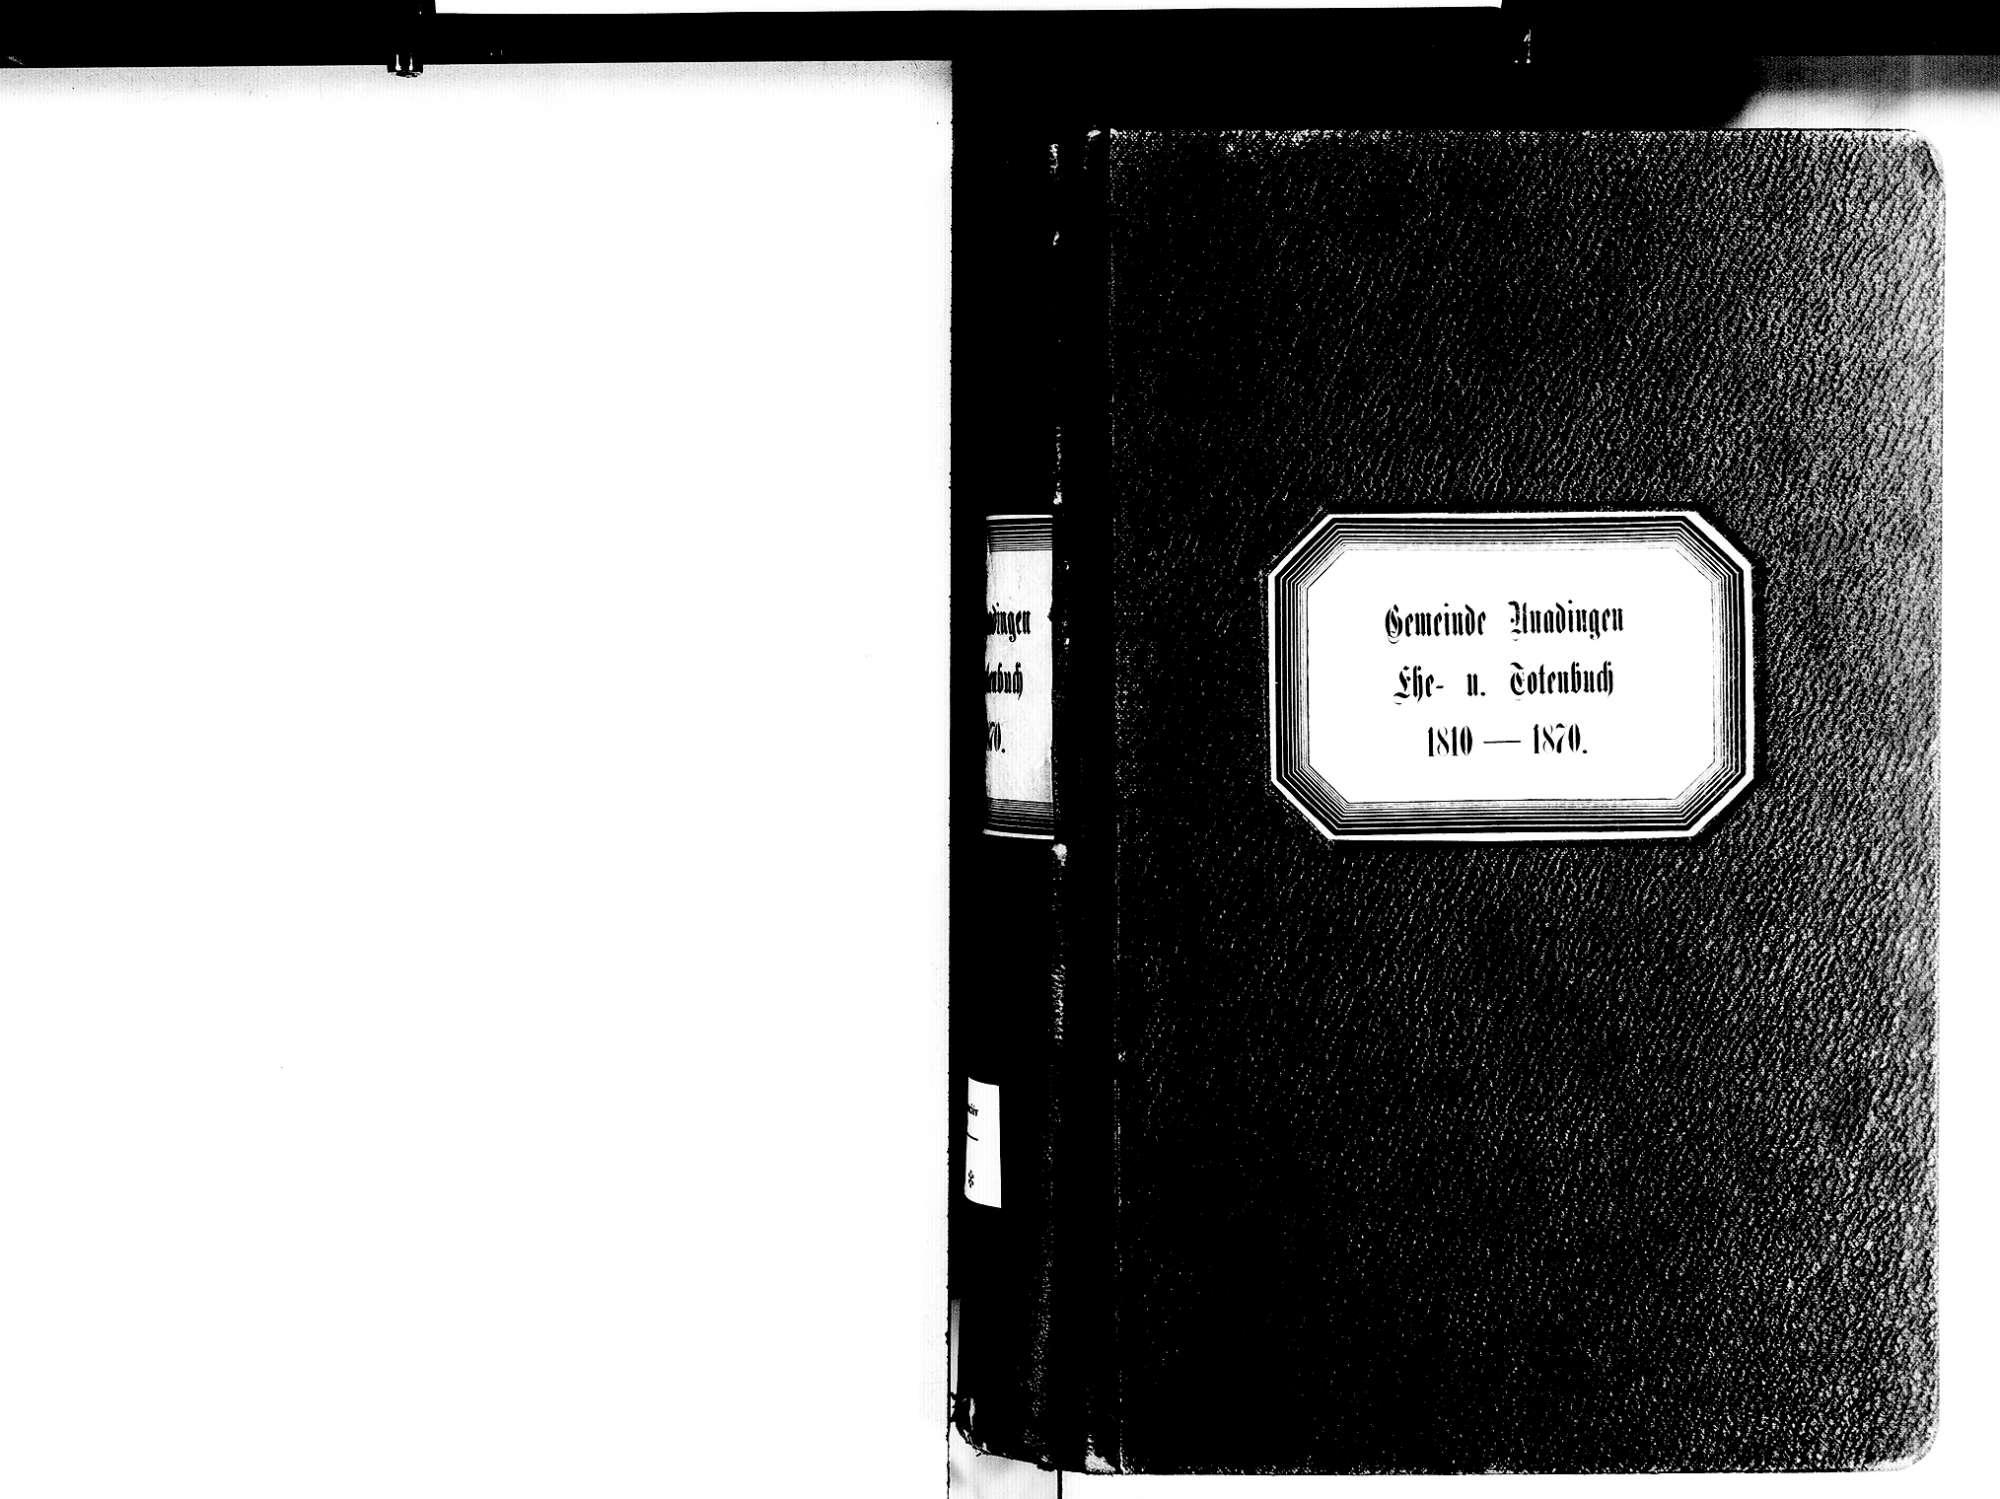 Unadingen, Löffingen FR; Katholische Gemeinde: Heiratsbuch 1810-1870 Unadingen, Löffingen FR; Katholische Gemeinde: Sterbebuch 1810-1870, Bild 2